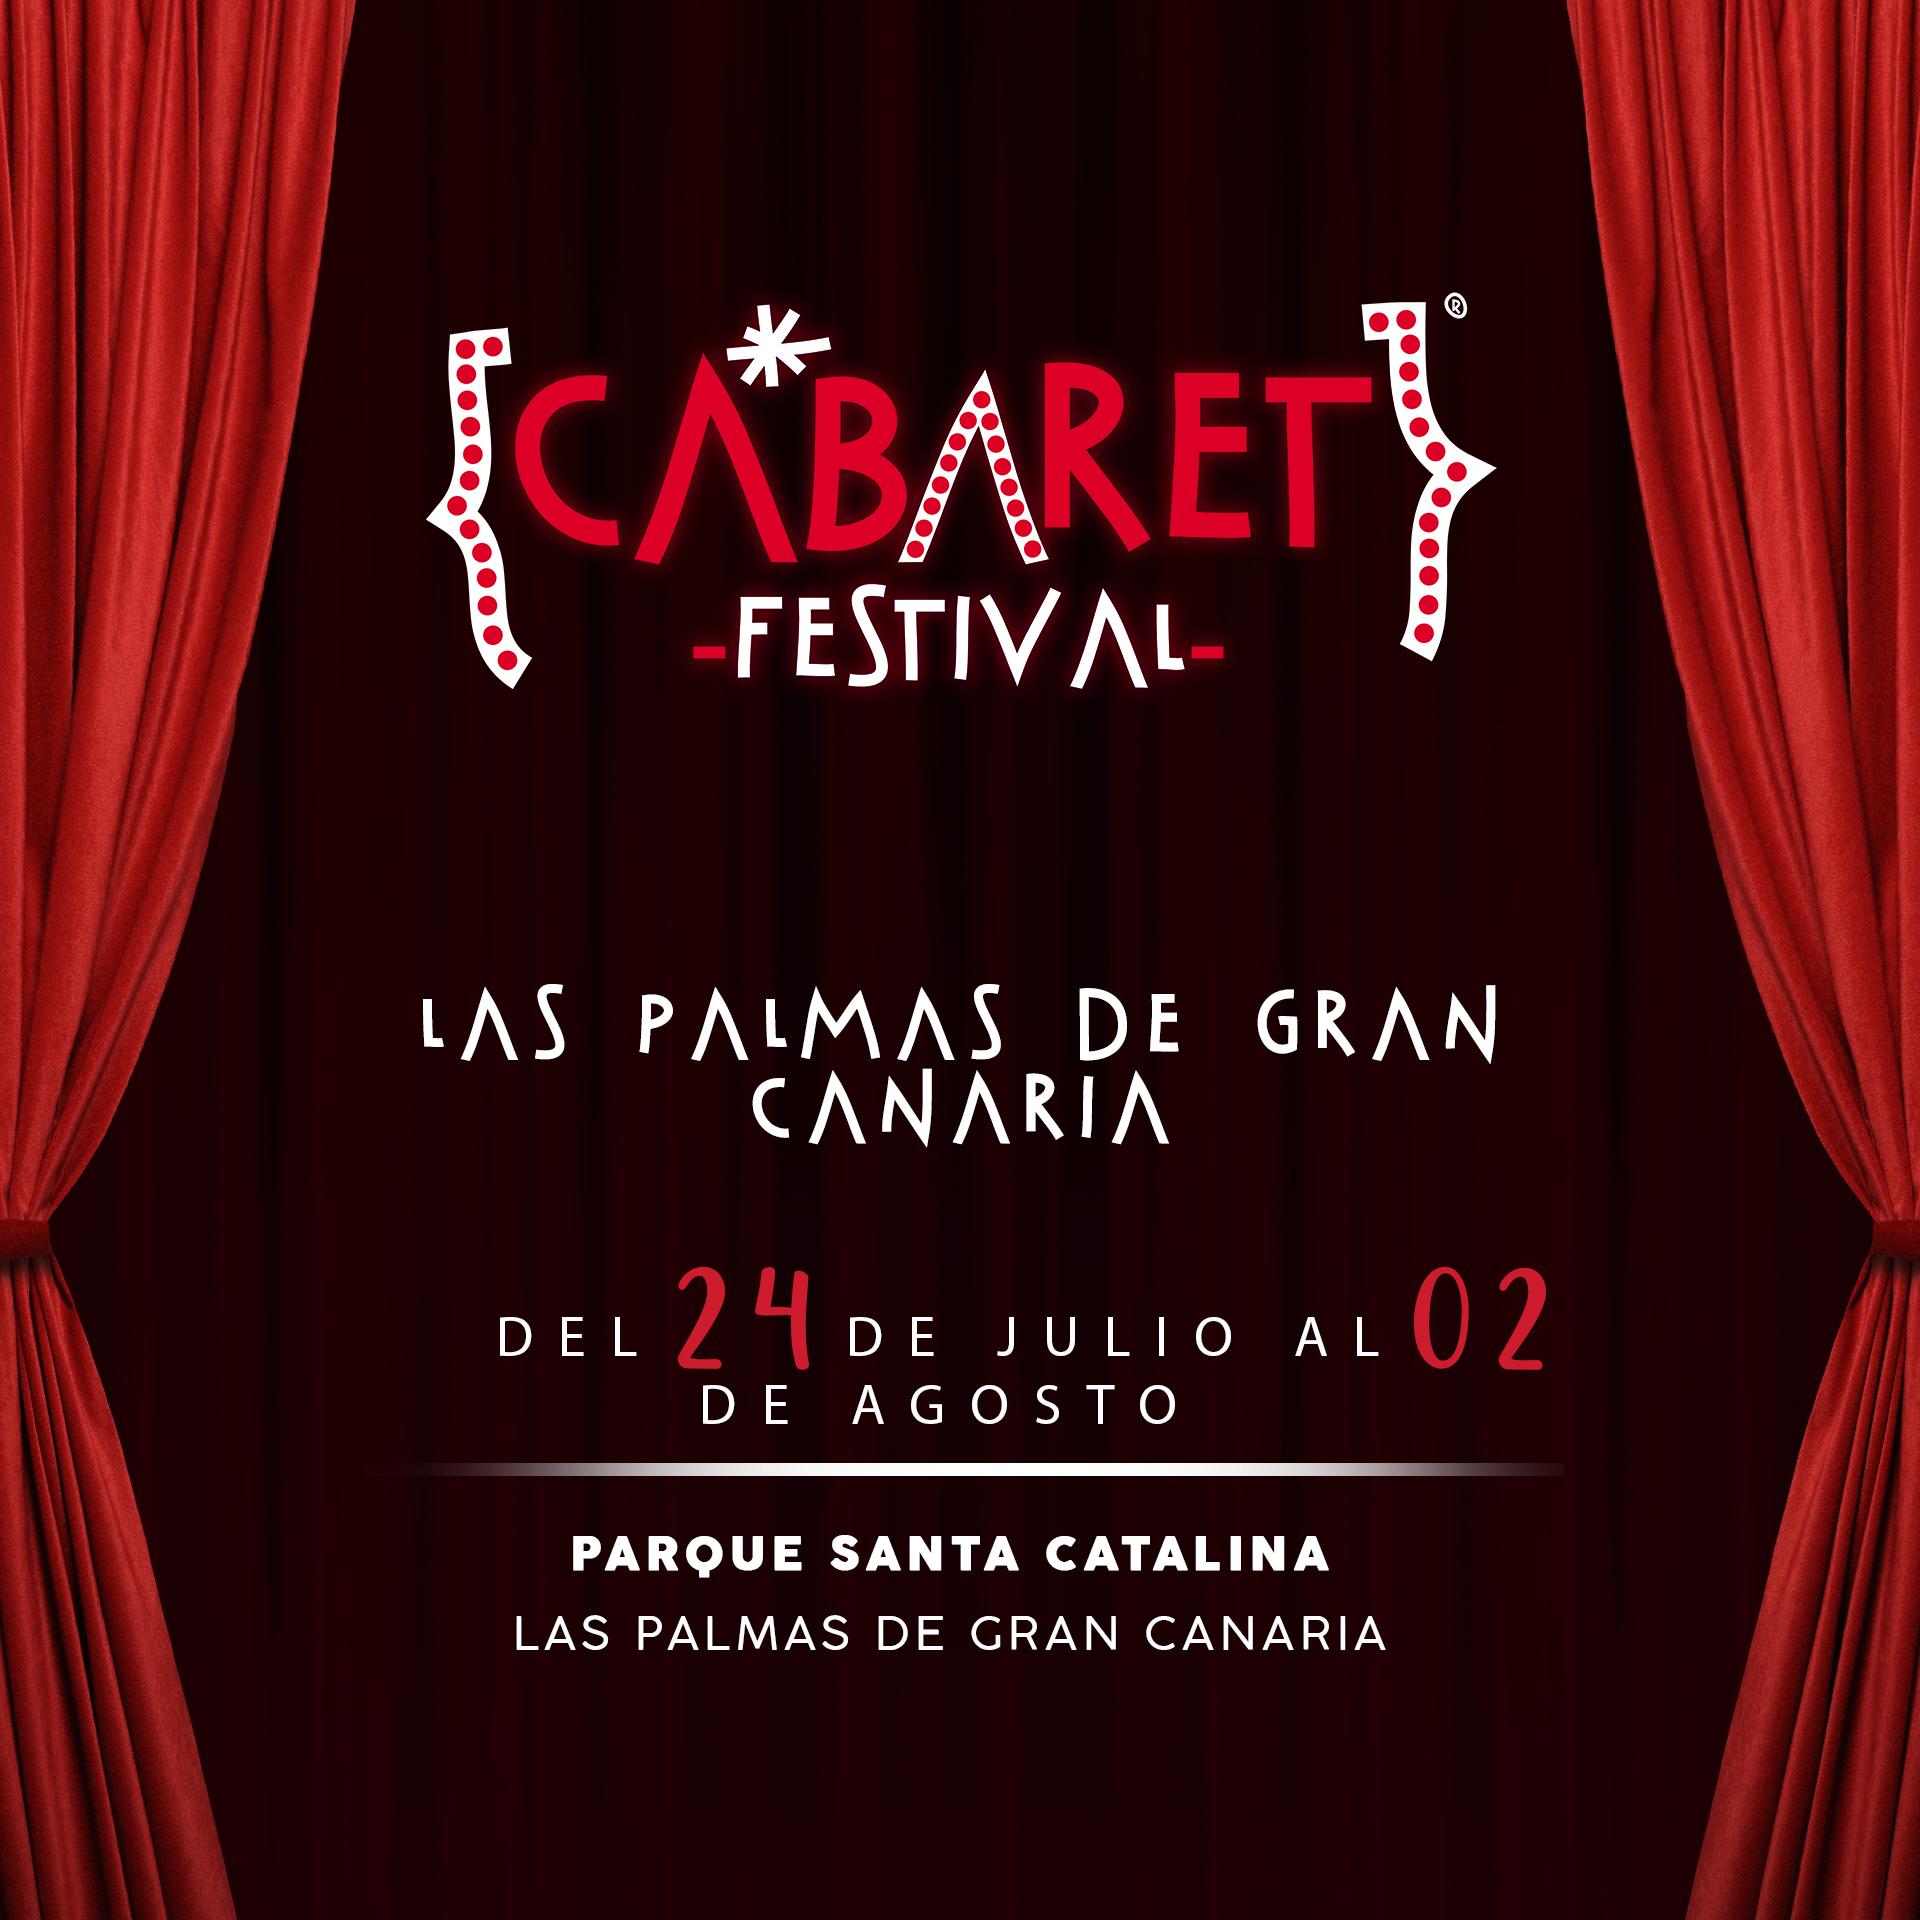 El ciclo de música y humor Cabaret Festival anuncia su llegada a Las Palmas de Gran Canaria este verano